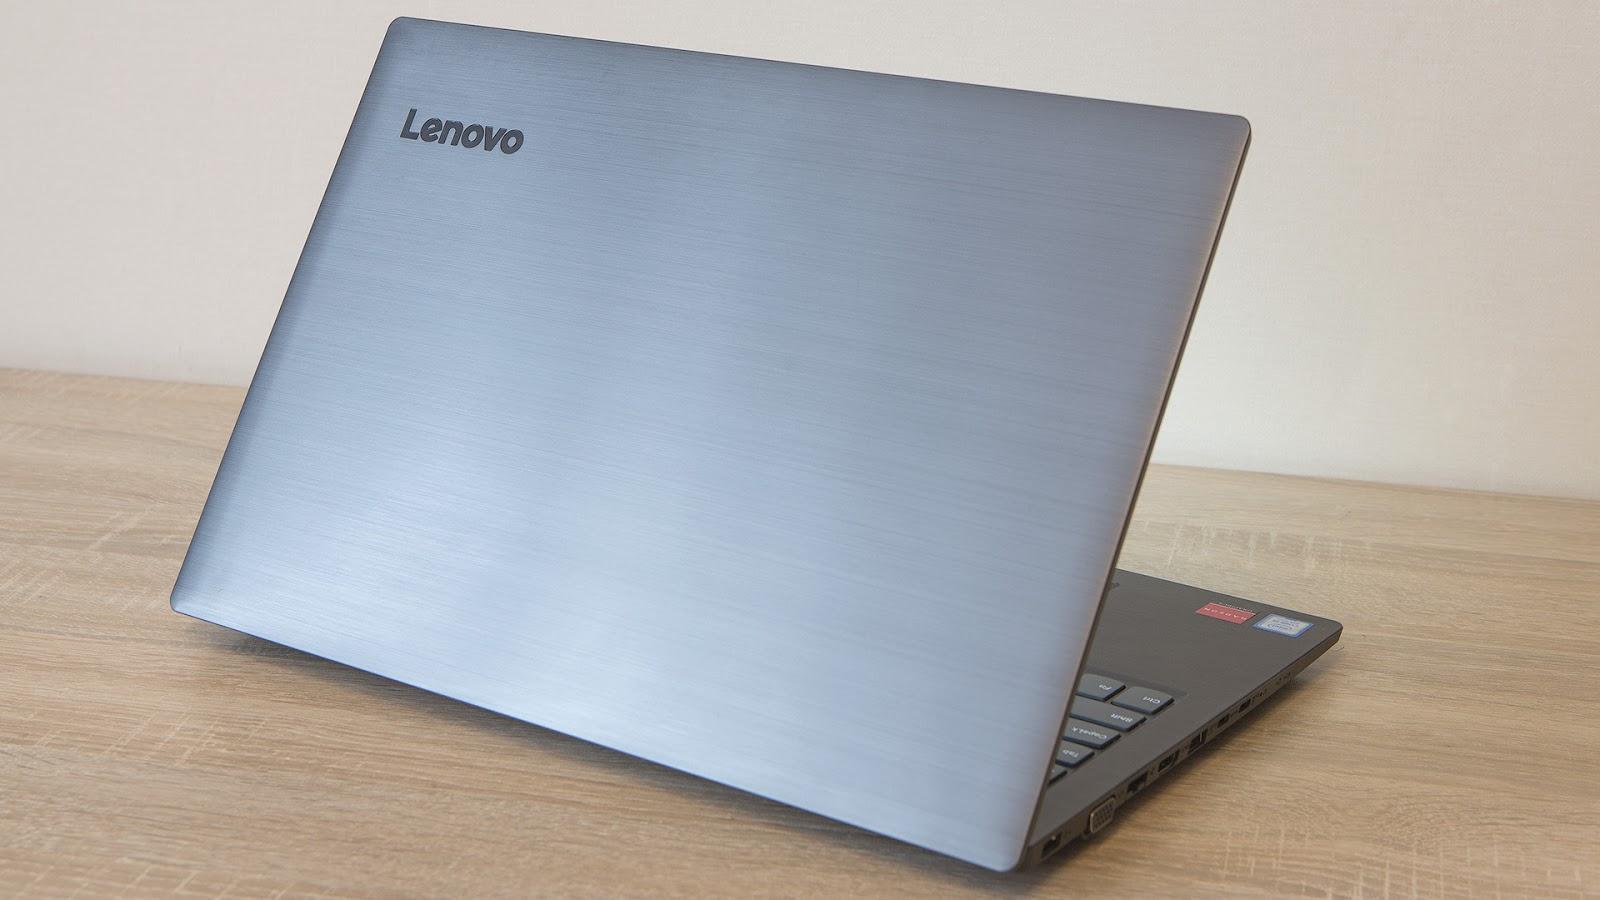 Обзор ноутбука Lenovo V330-15: надёжный офисный трудяга